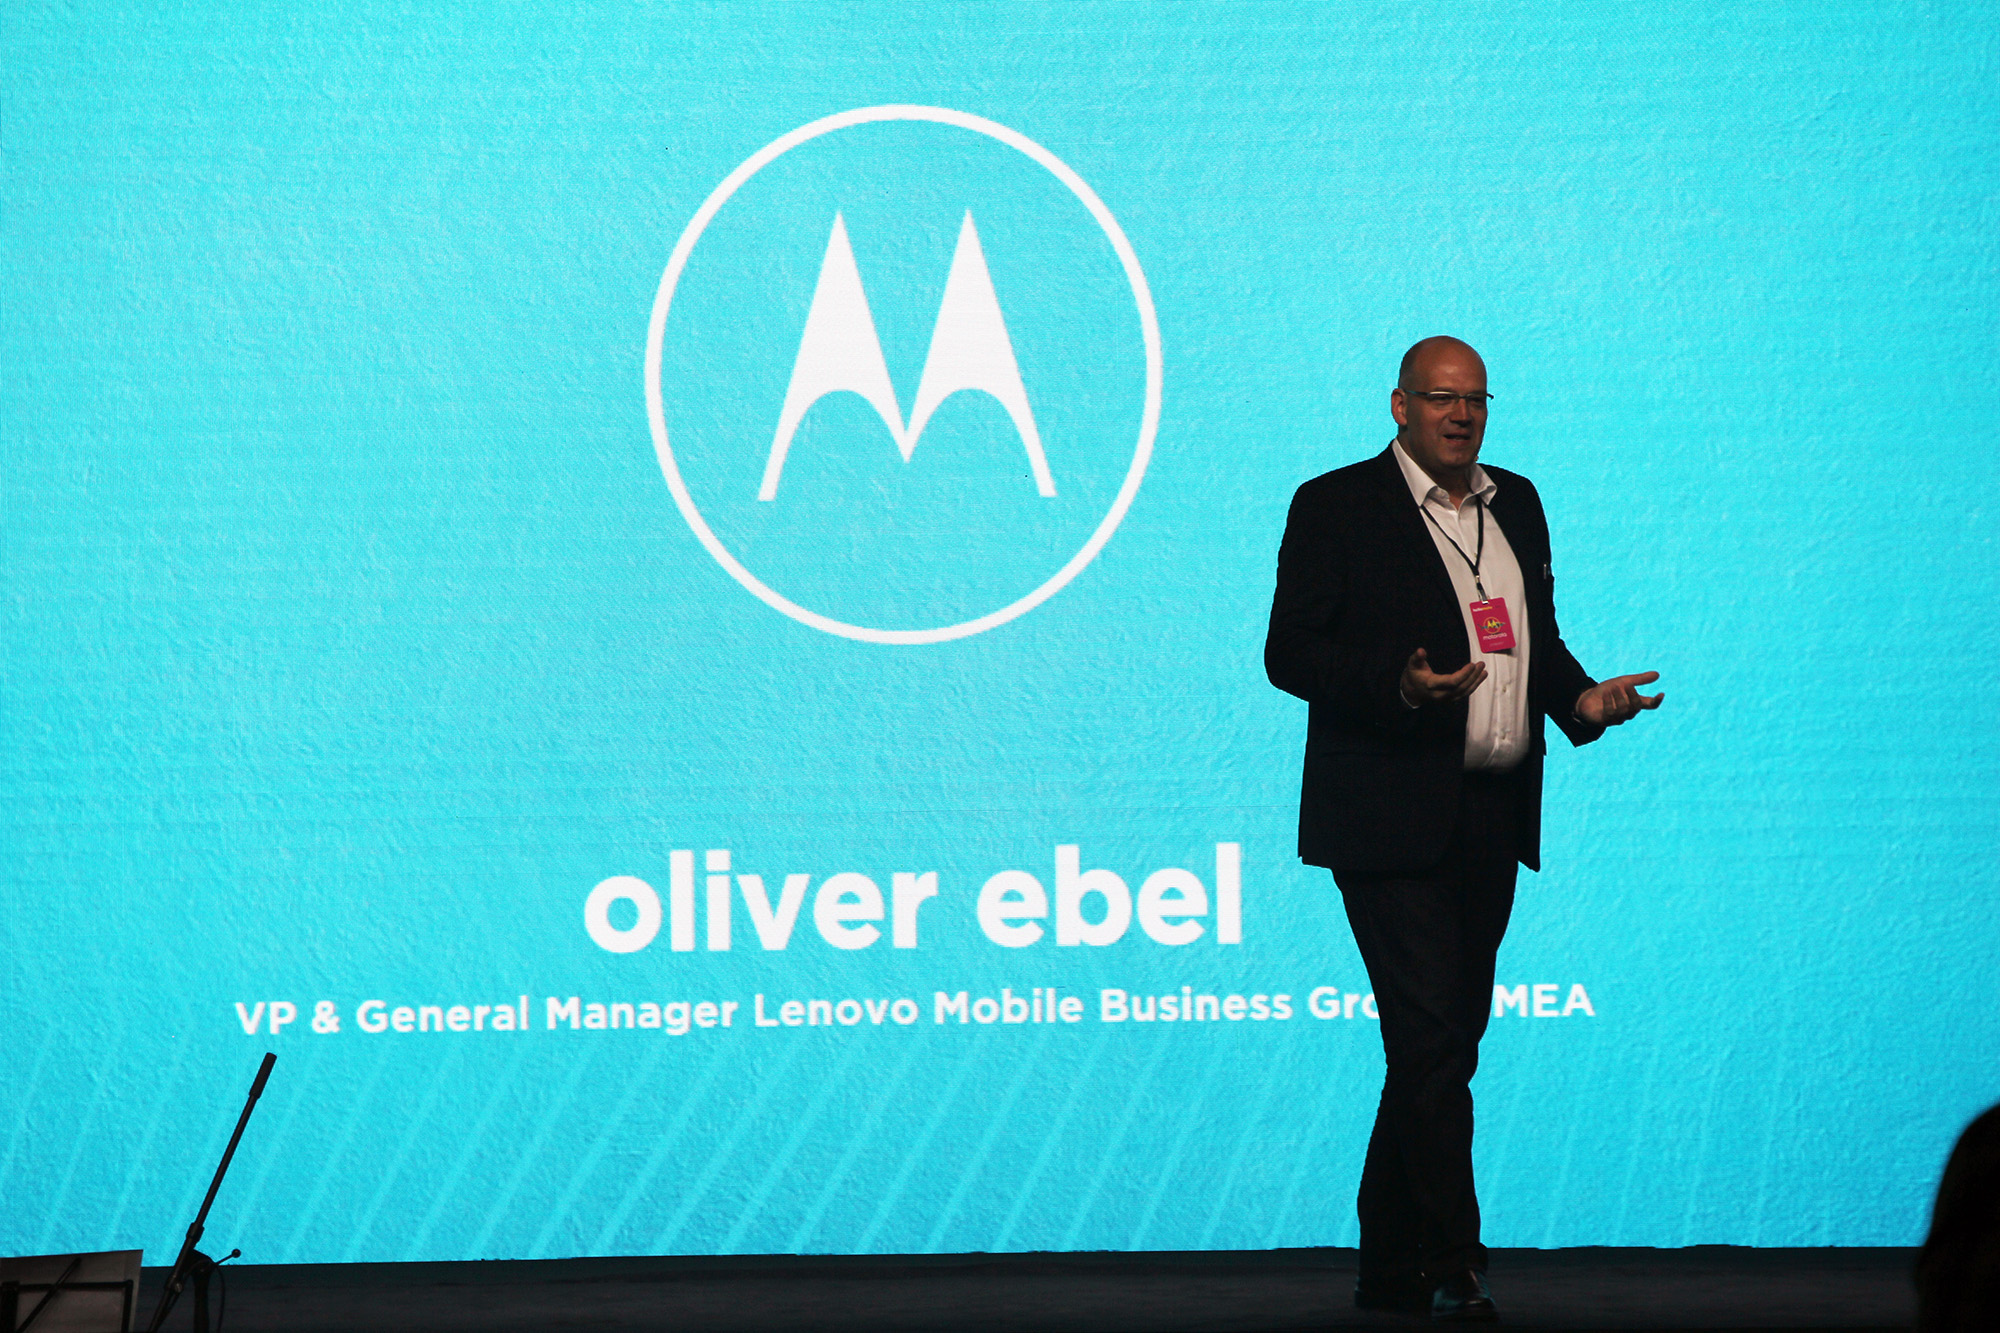 На территории Европы состоялась презентация нового смартфона от Motorola стоимость которого должна составить 300 евро На выбор покупателя предлагаются синий и белый